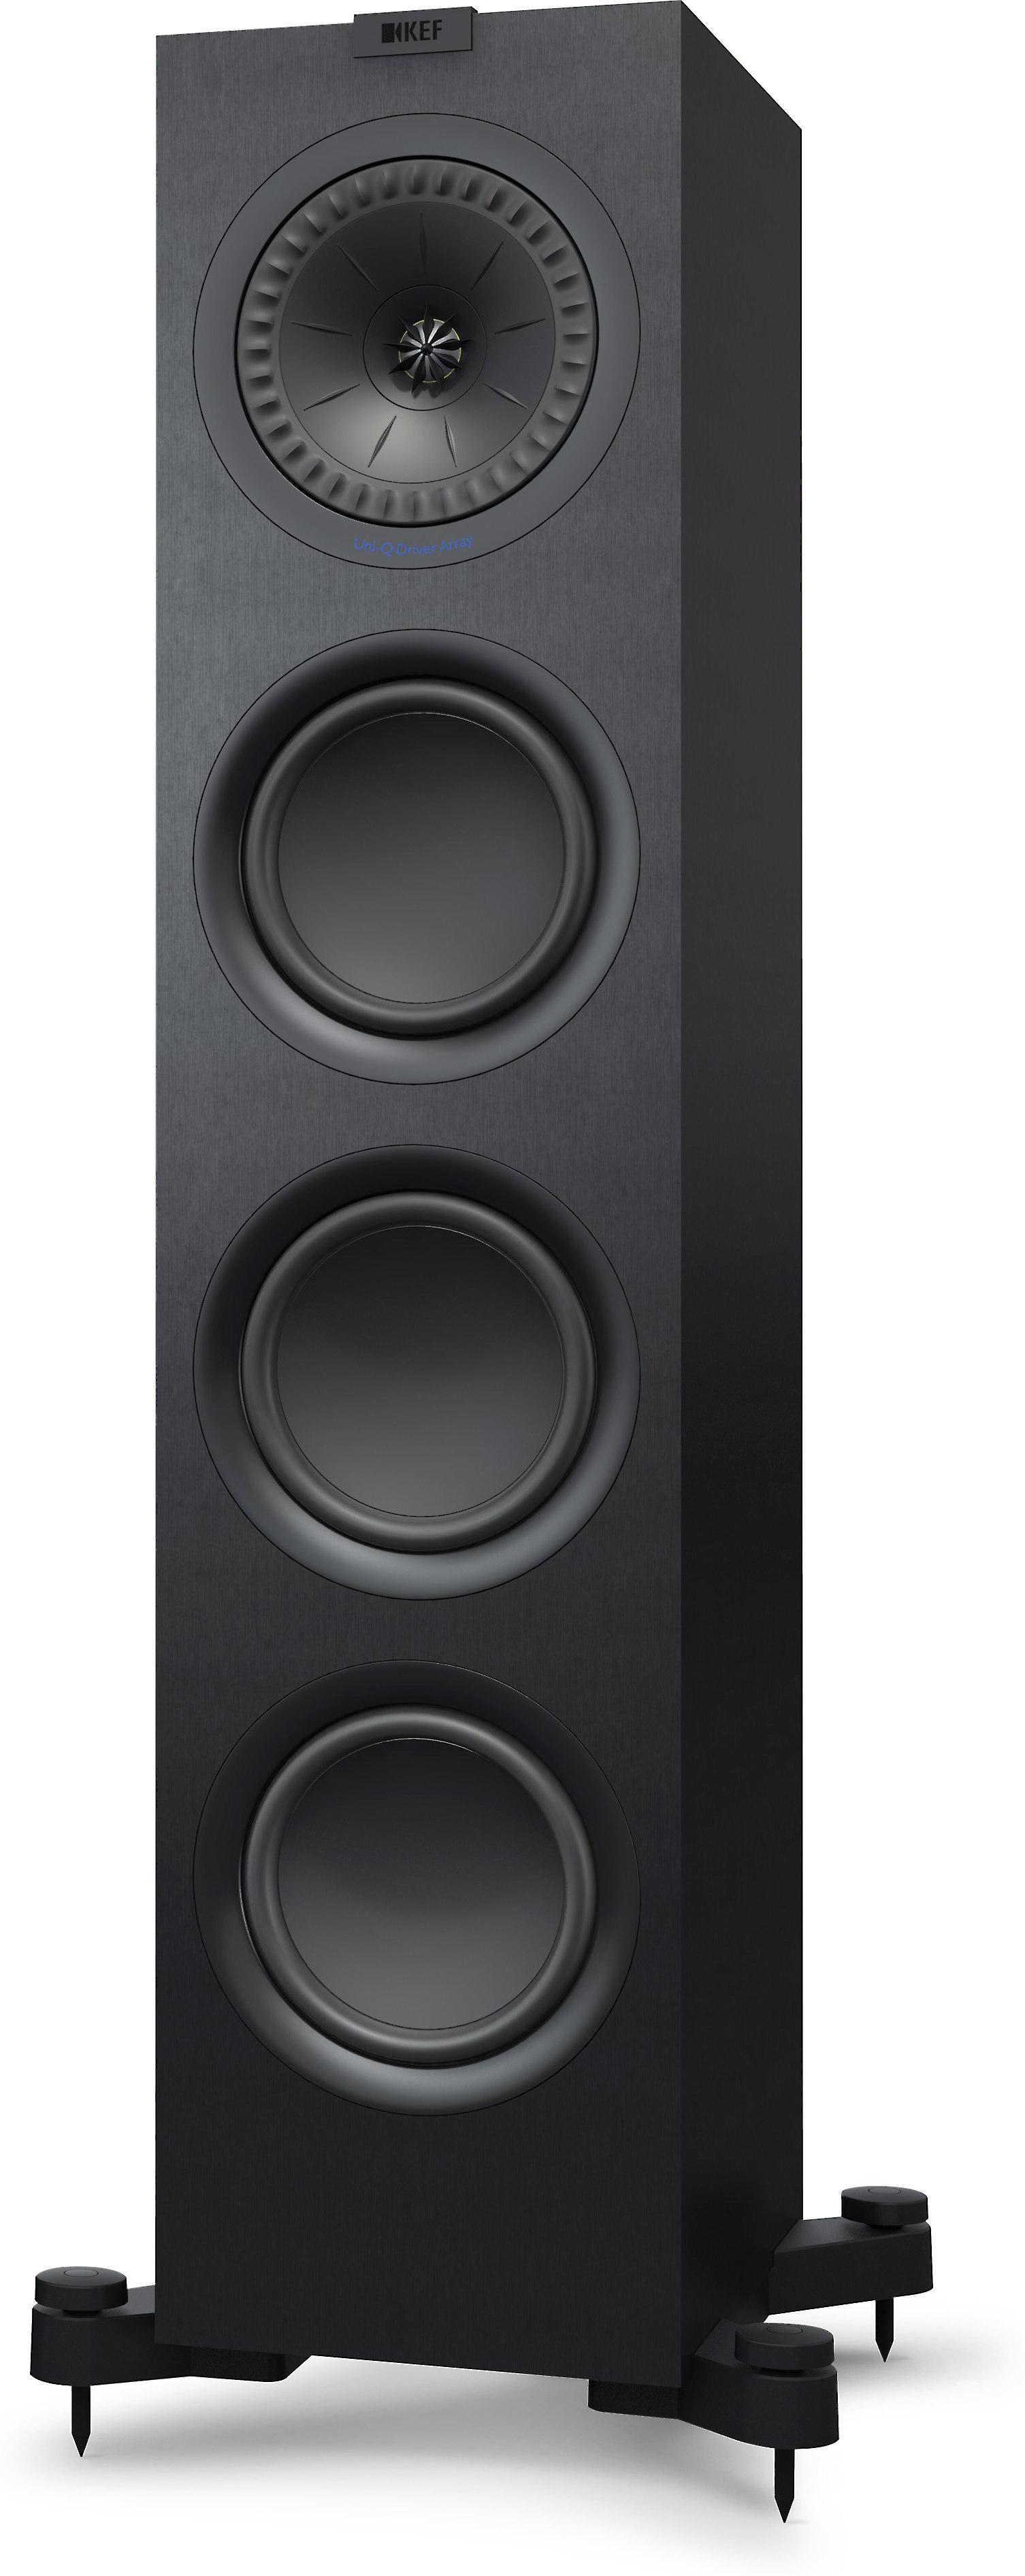 Each, Black KEF Q750 Floorstanding Speaker